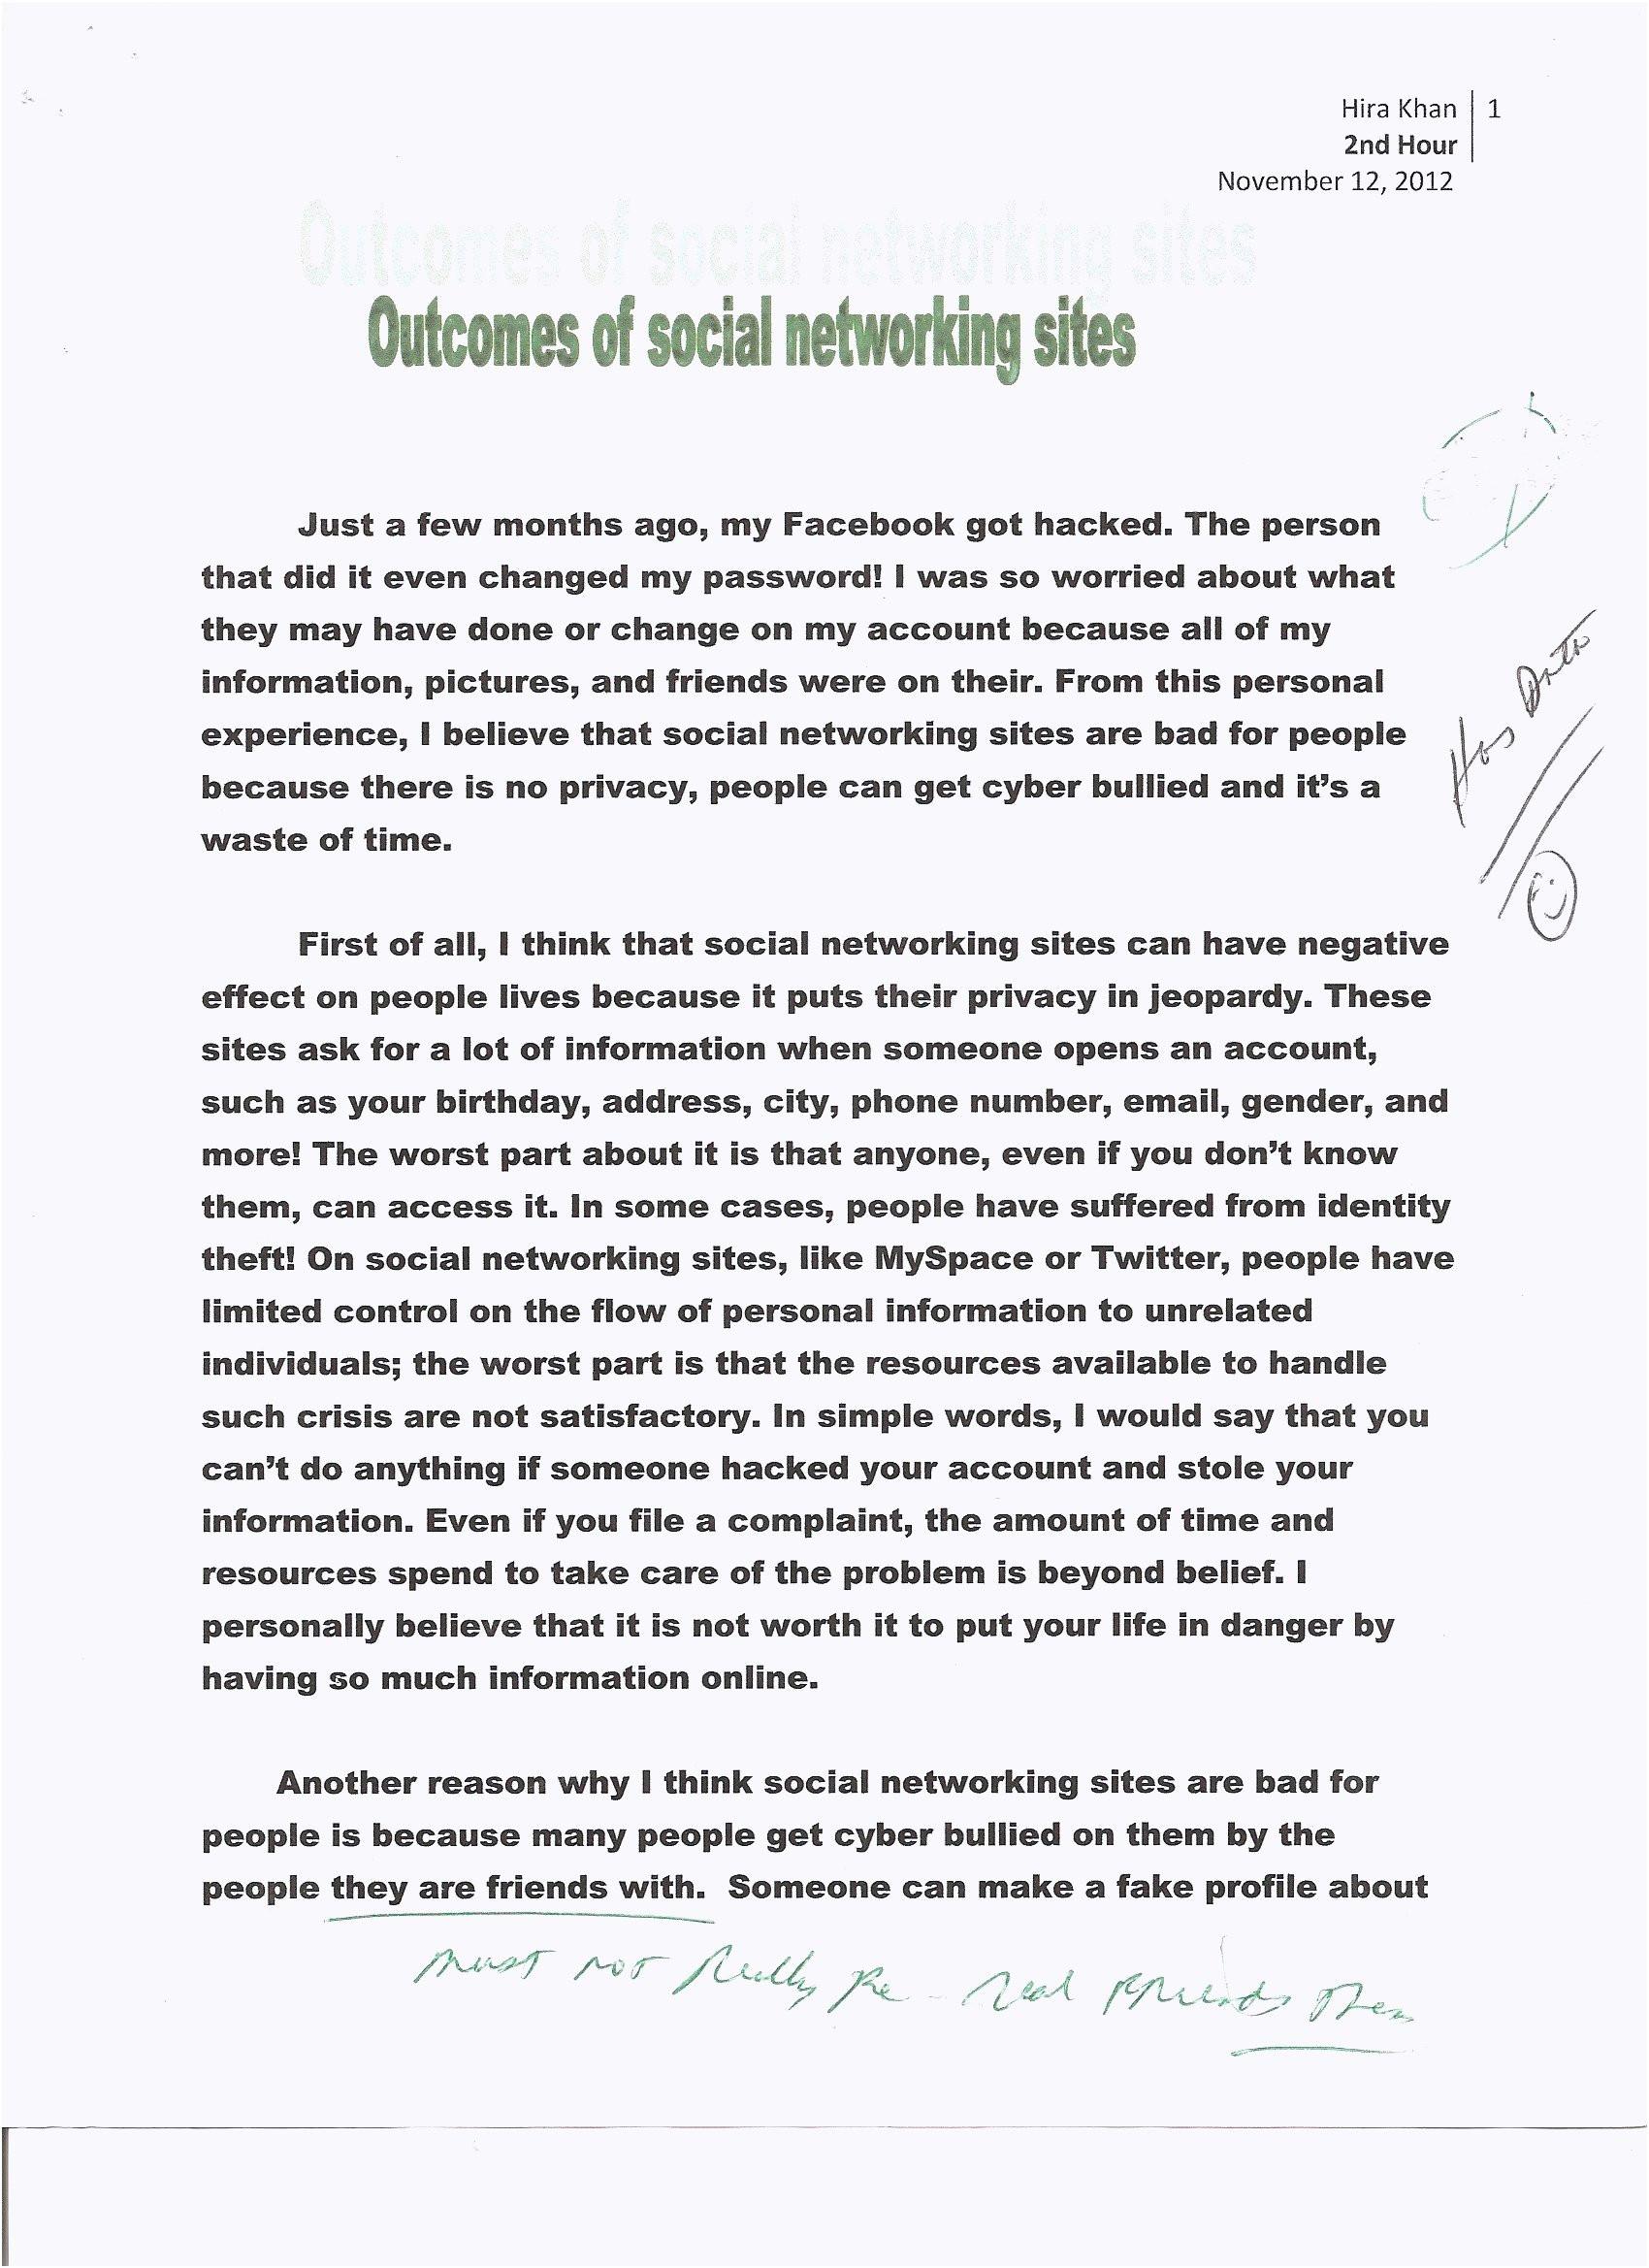 hogwarts acceptance letter template example-Printable Hogwarts Acceptance Letter Template Fresh Besten Der Hogwarts Brief Vorlage 10-p